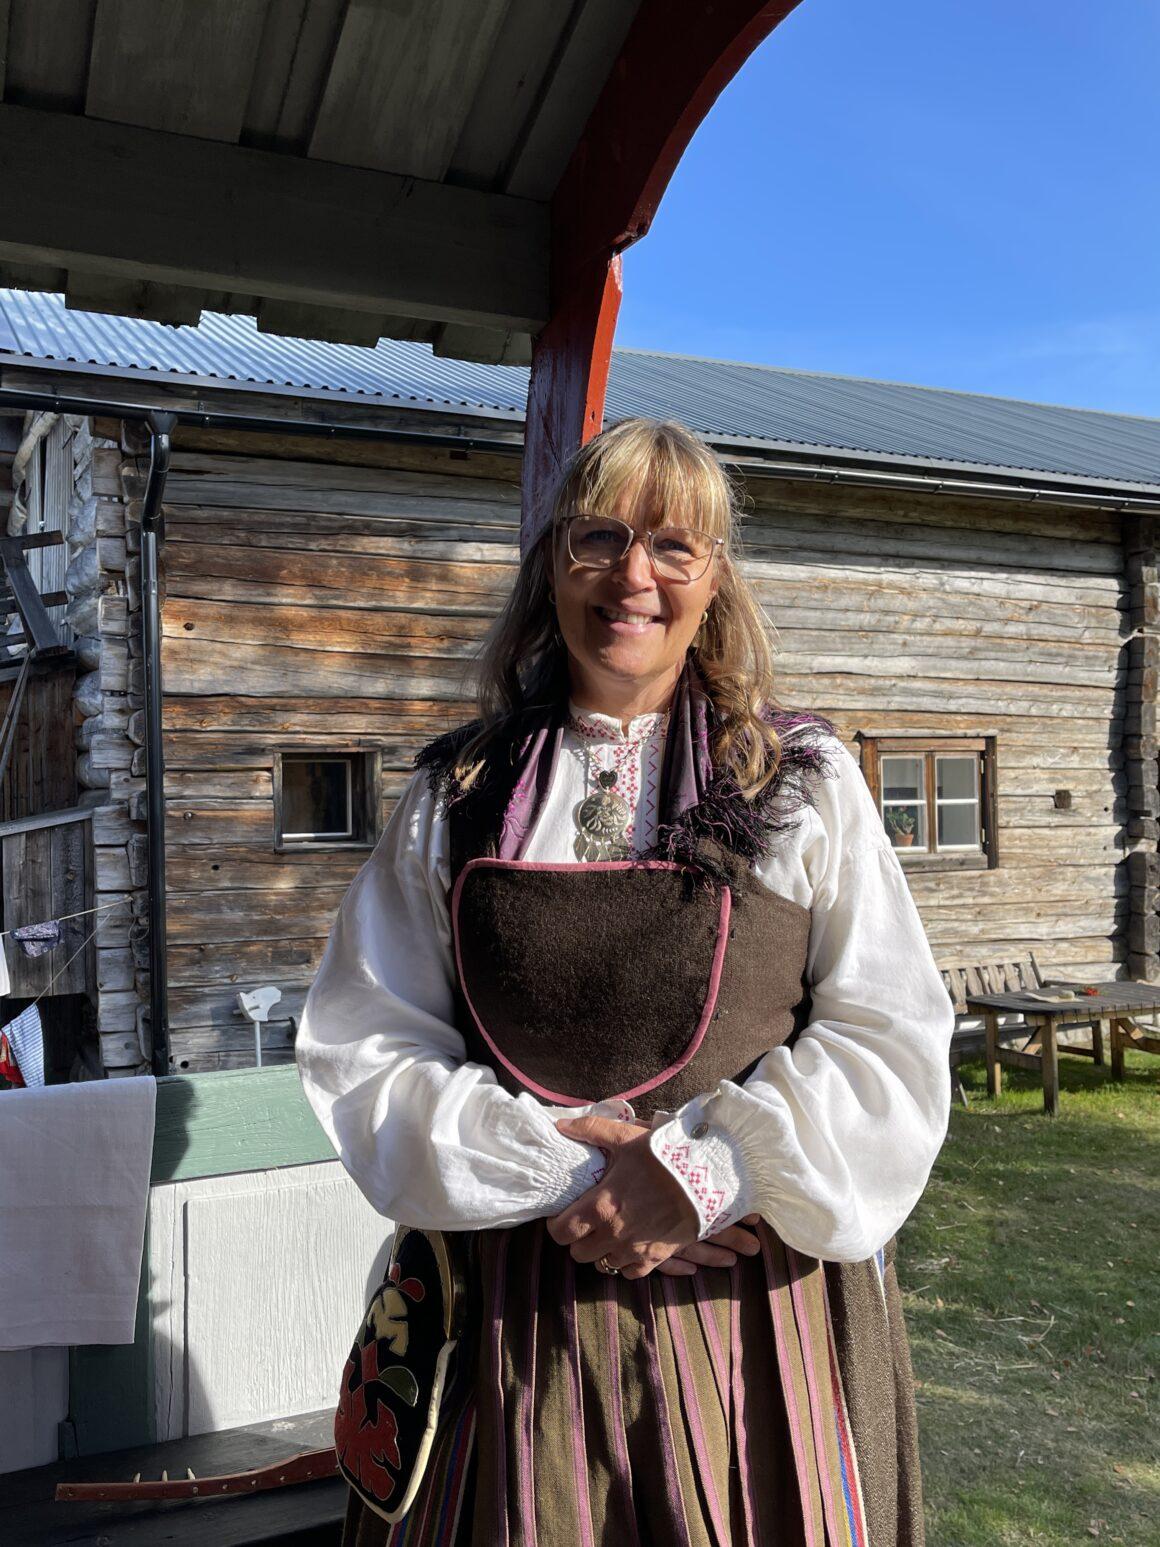 Kristina Kristoffersson Vemdalens hembygdsförening